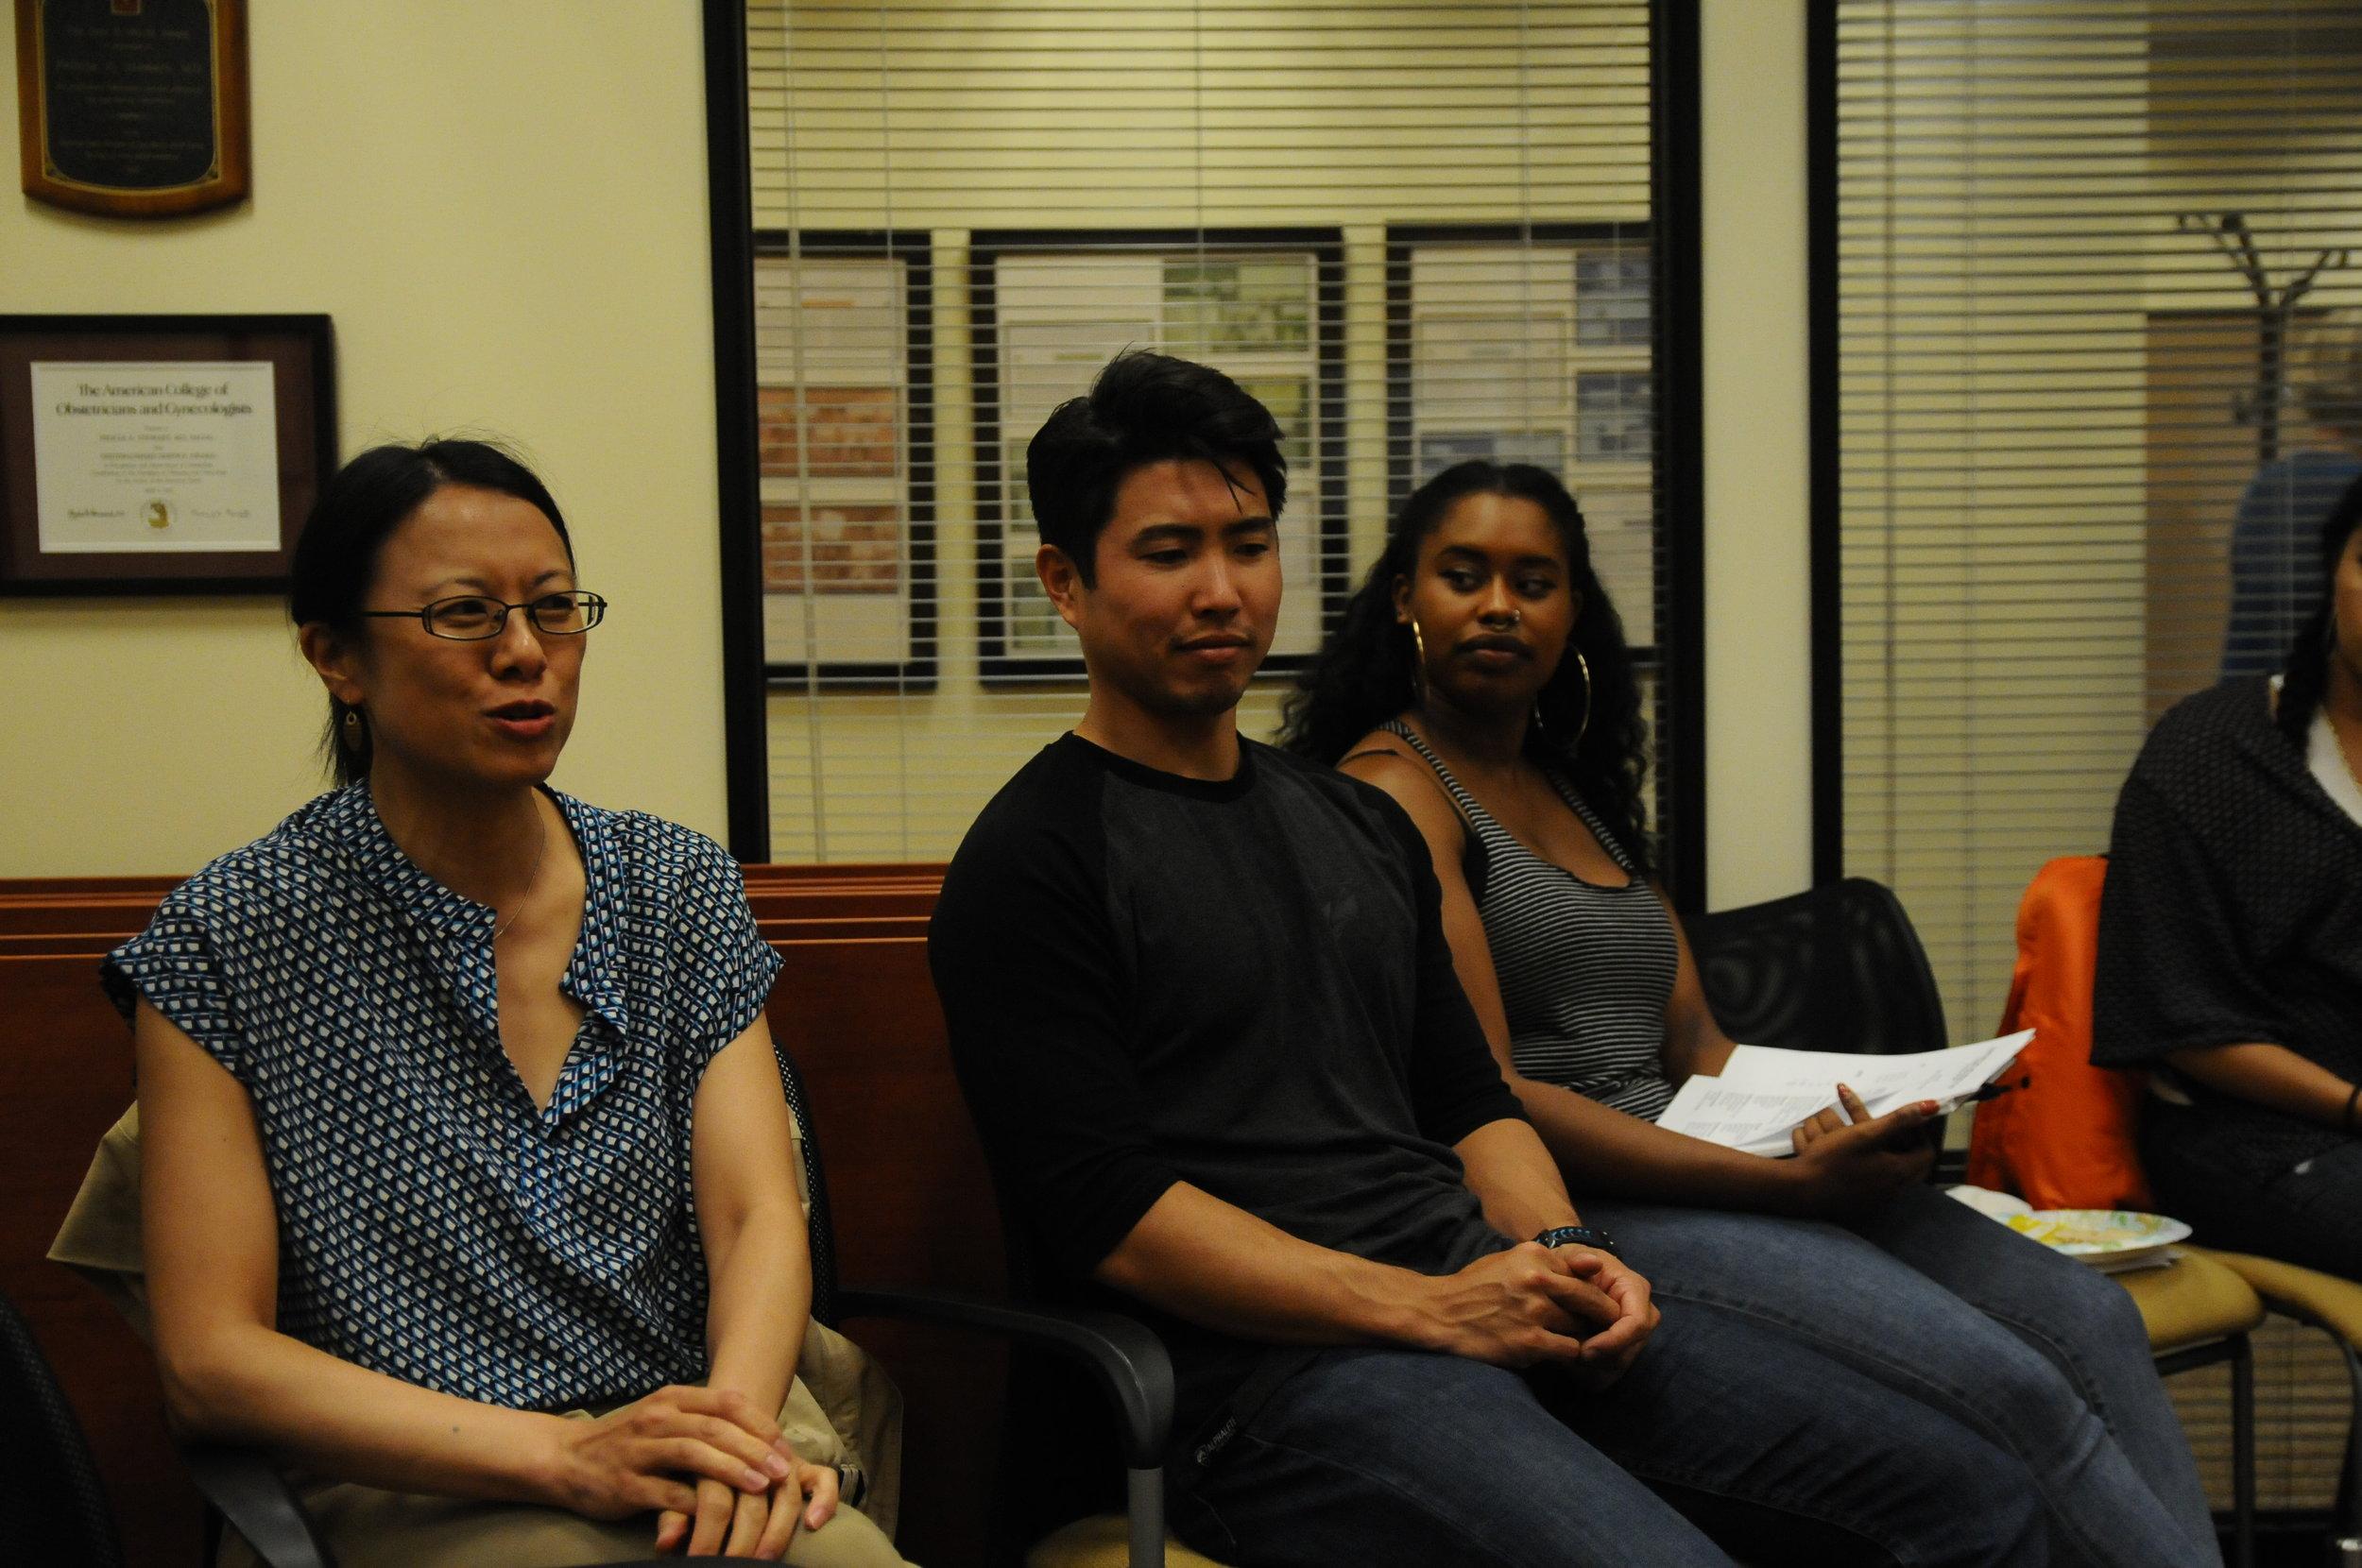 Oakland Equity team comm leader training wkshp 2 019.JPG